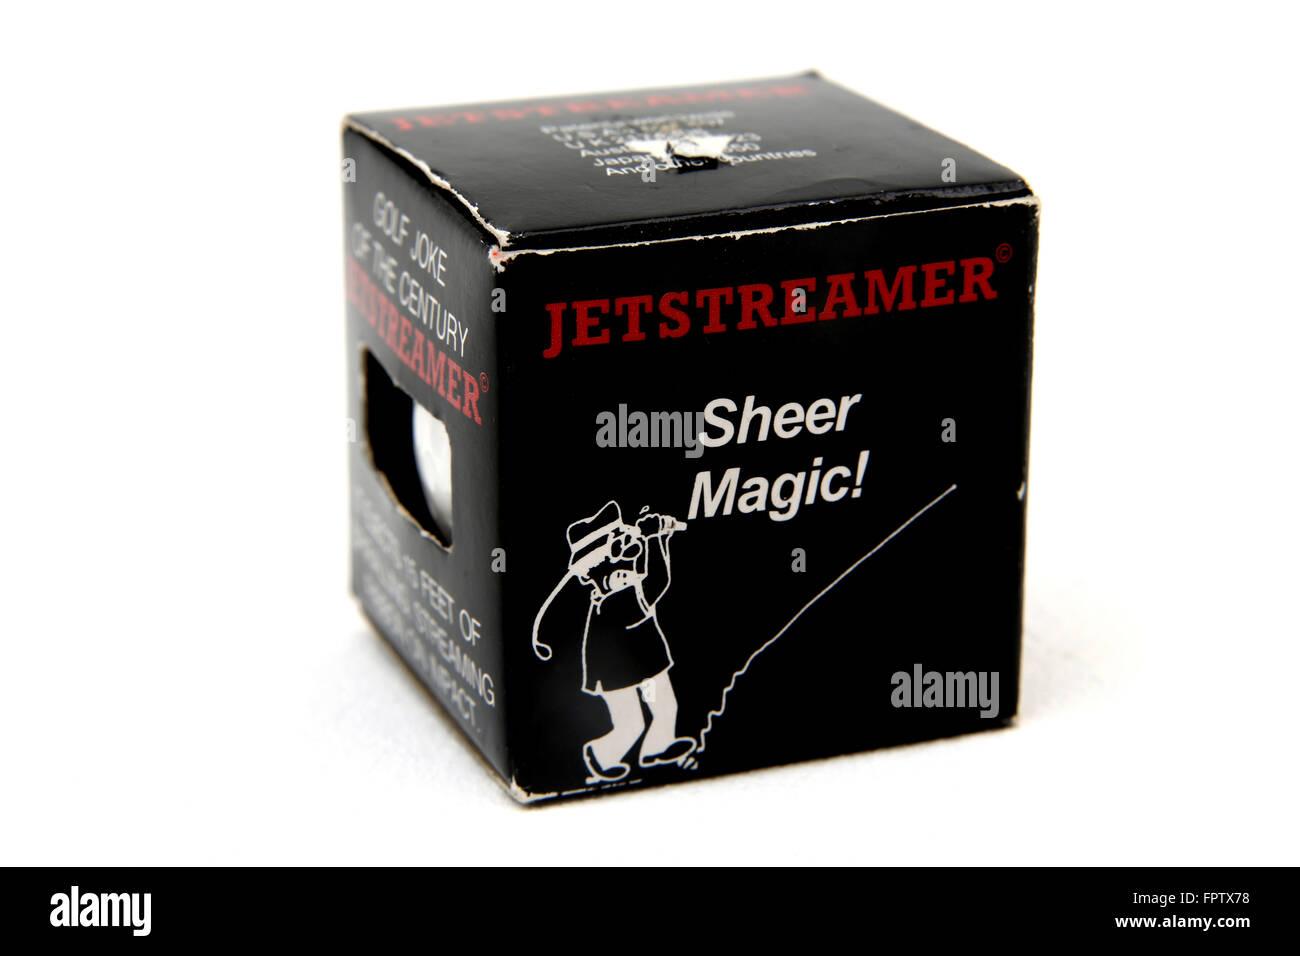 Practical Joke Golf ball Jetstreamer - Stock Image